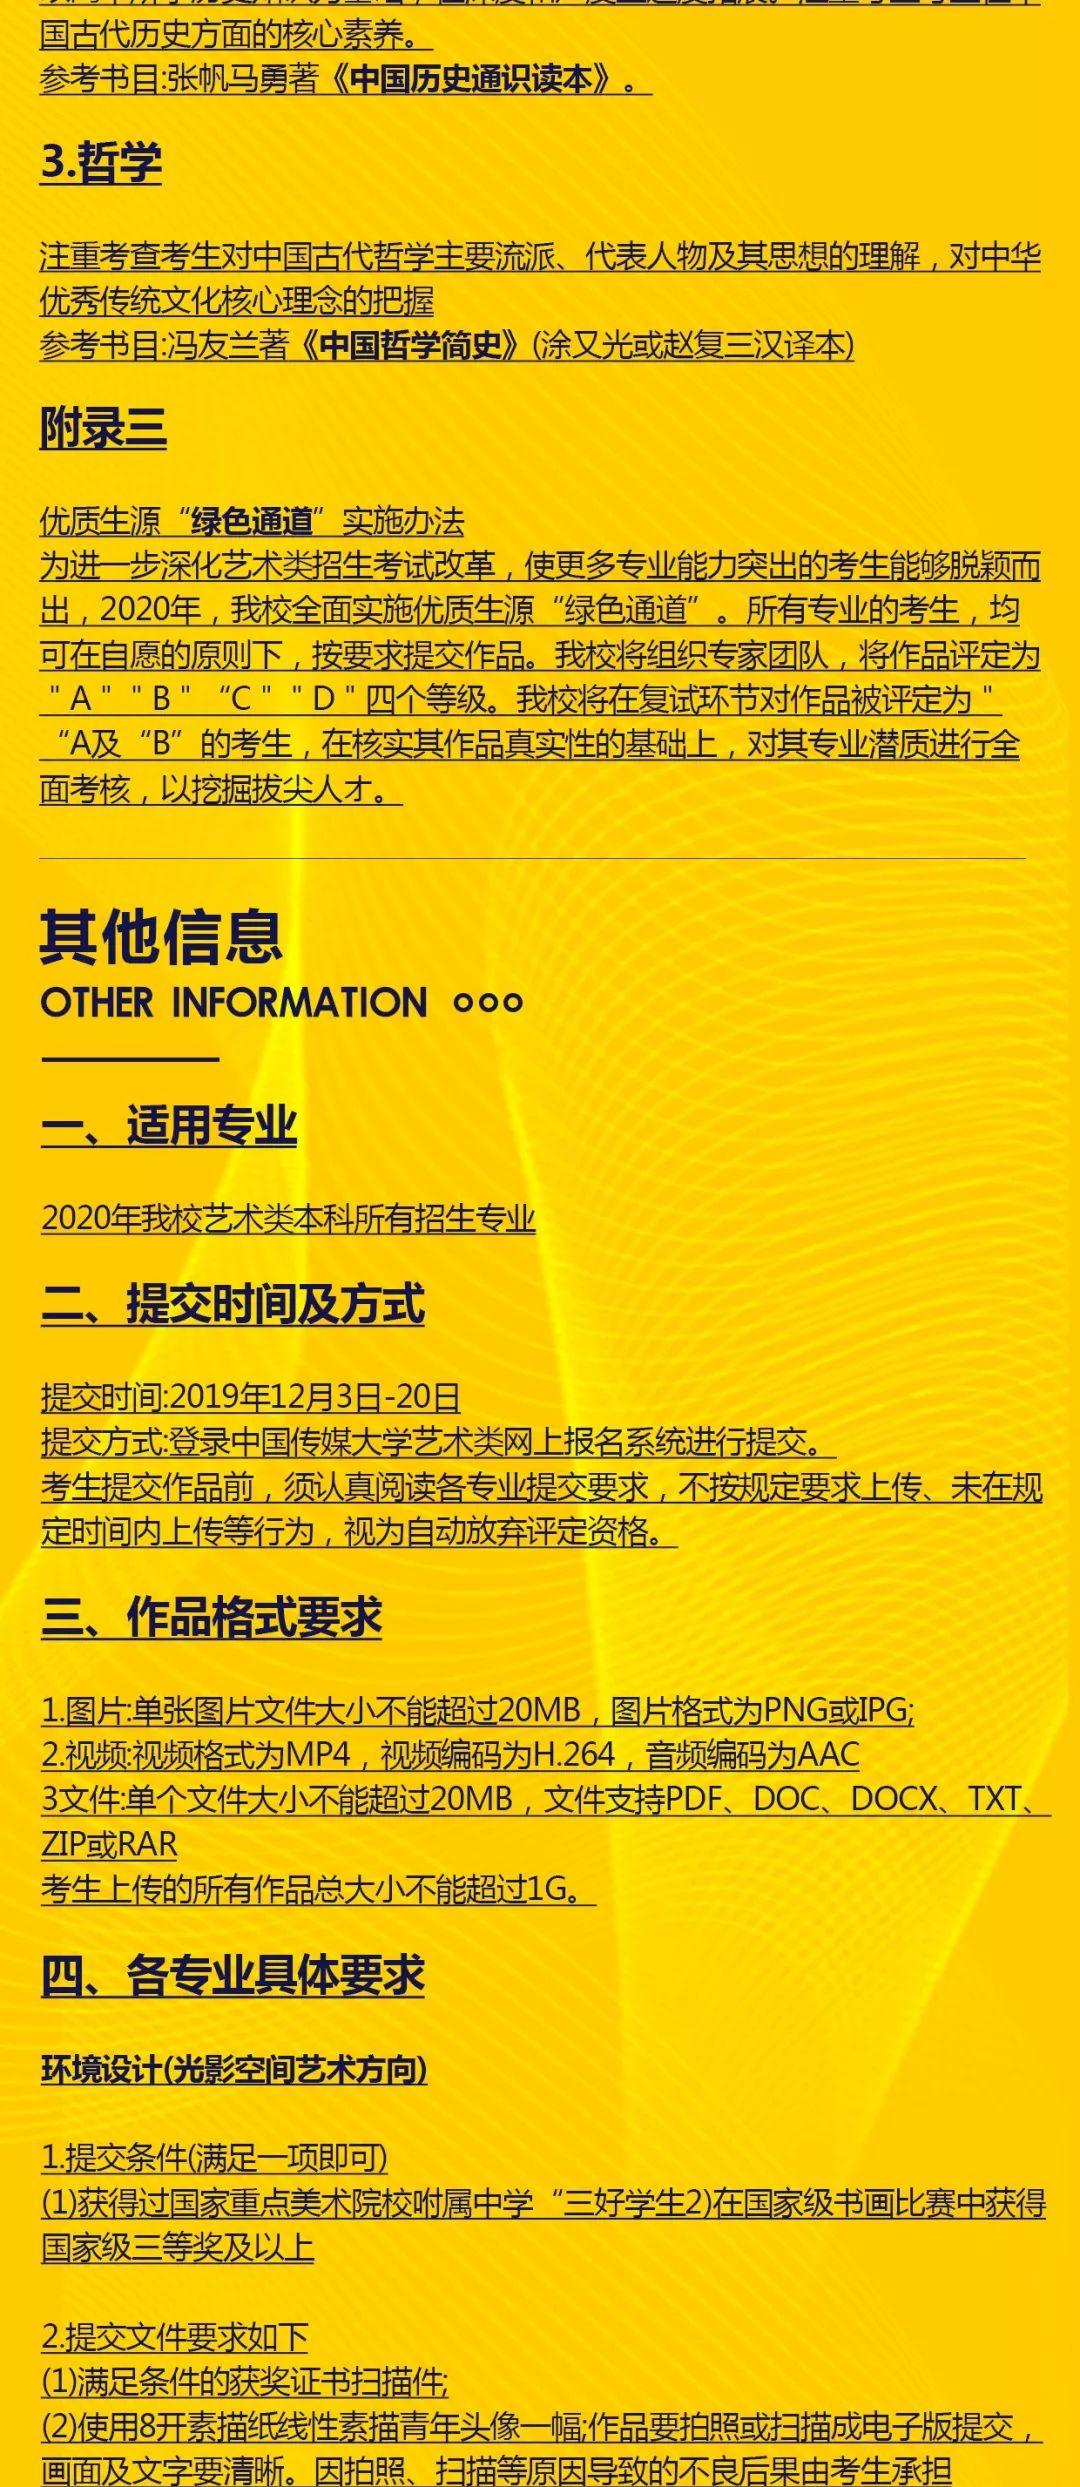 中国传媒大学,北京电影学院,中央戏剧学院,北京巅峰广艺画室       07中国传媒大学,北京电影学院,中央戏剧学院,北京巅峰广艺画室       07